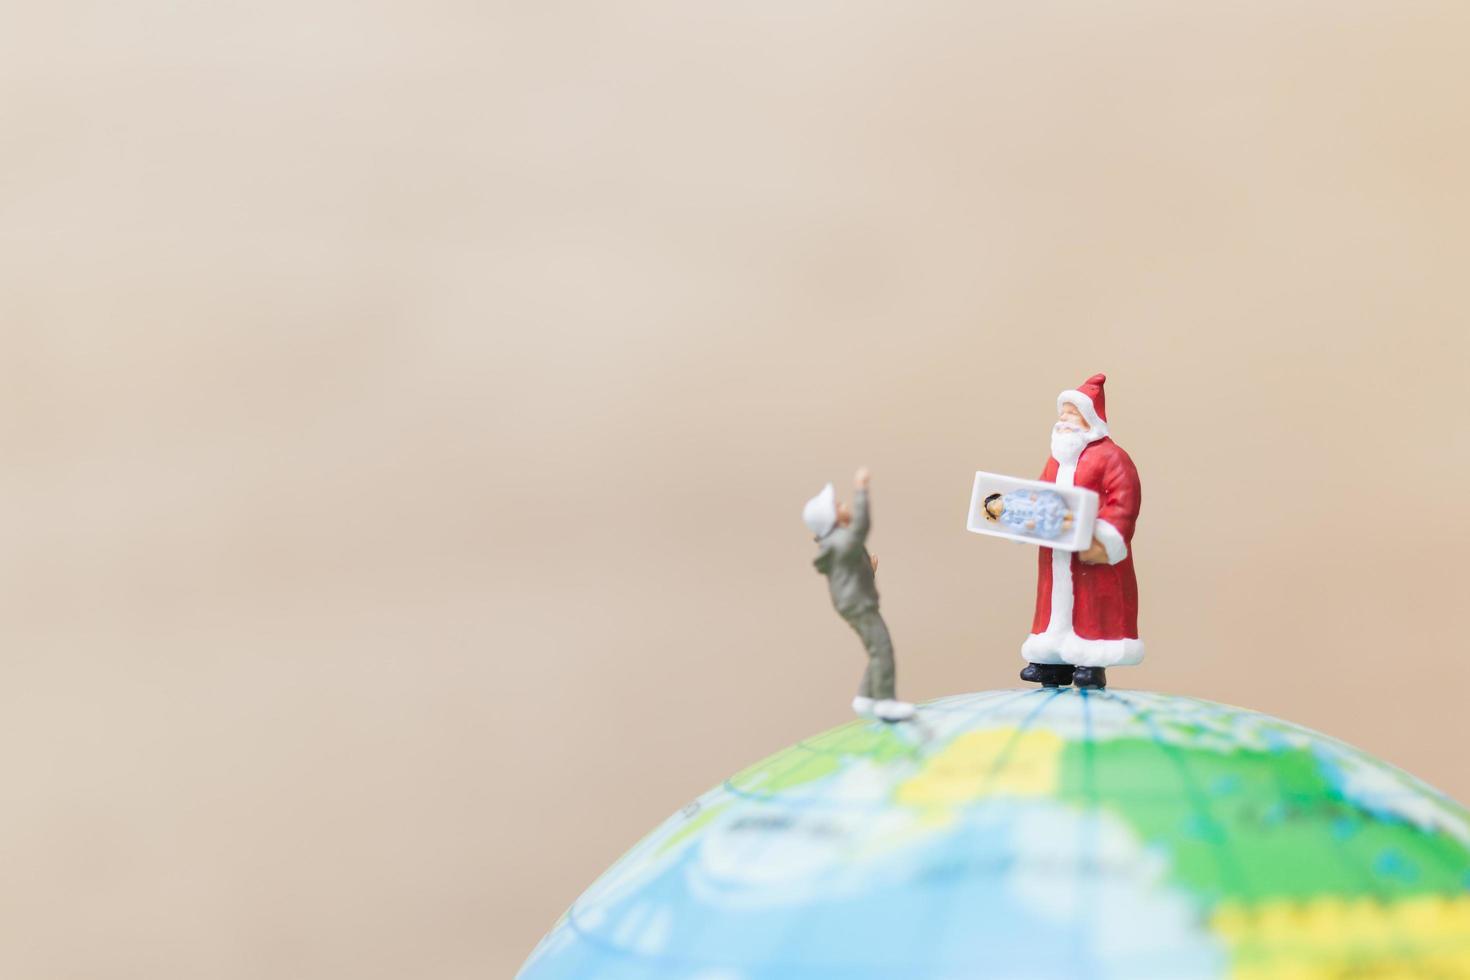 miniatuur kerstman met geschenken voor kinderen op een wereldbol, vrolijk kerstfeest concept foto